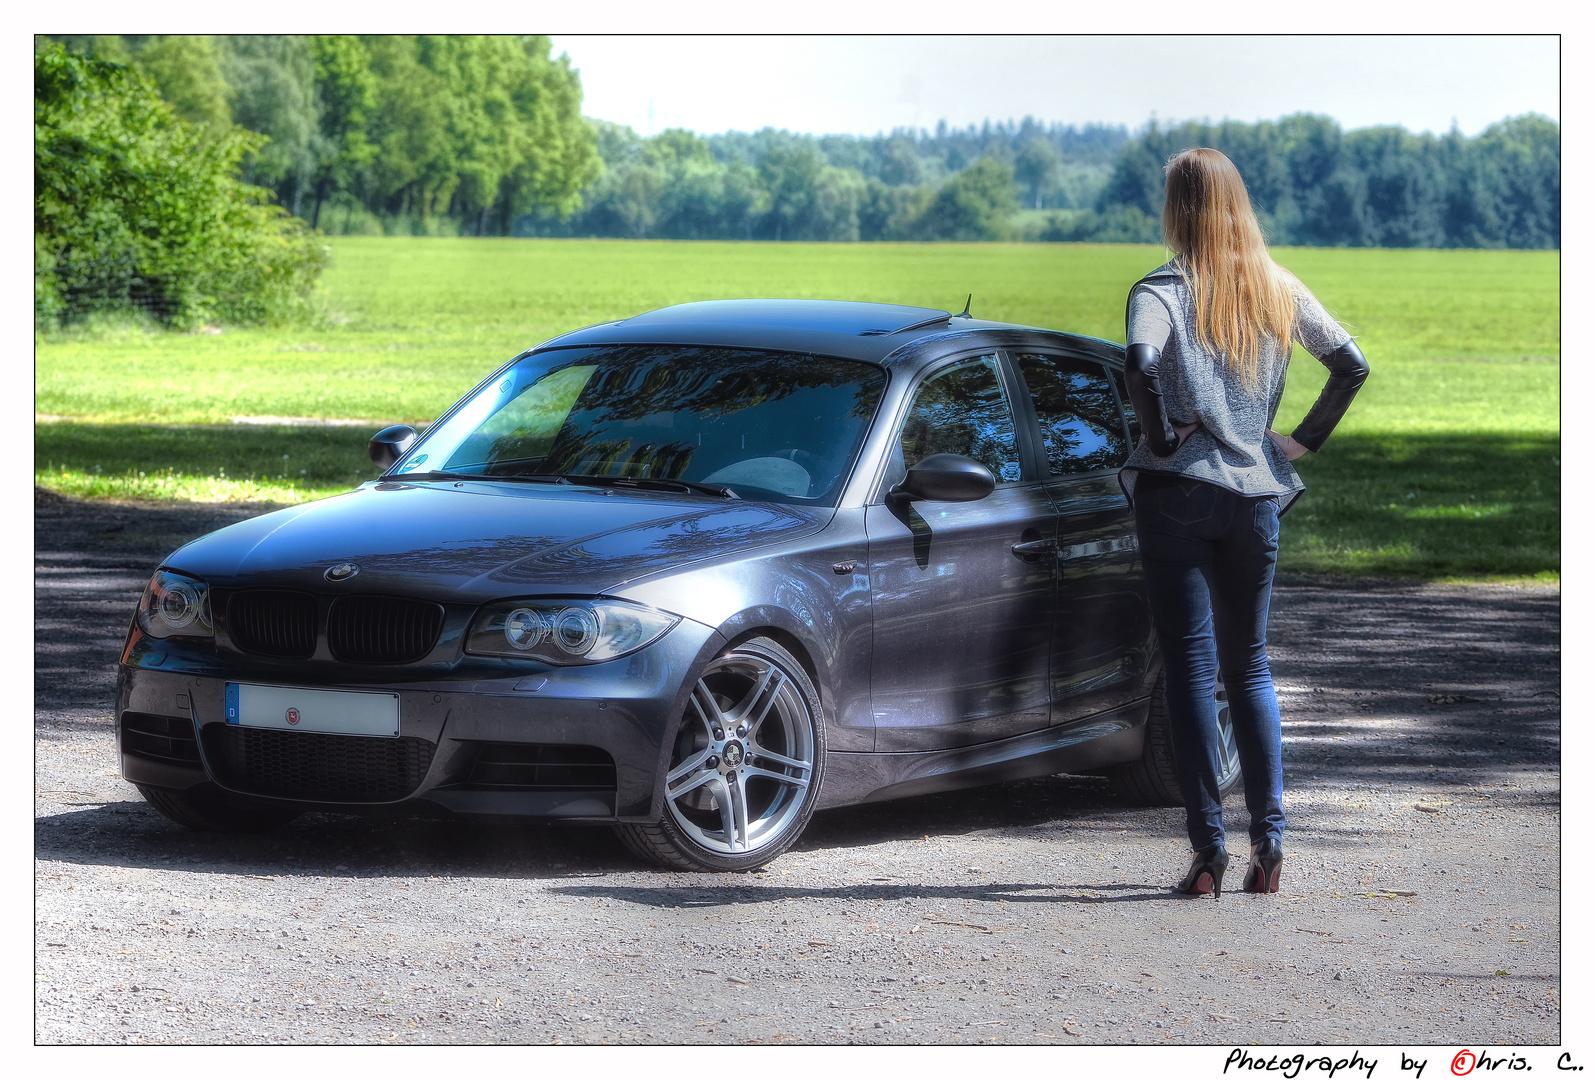 Liebe zum Automobil